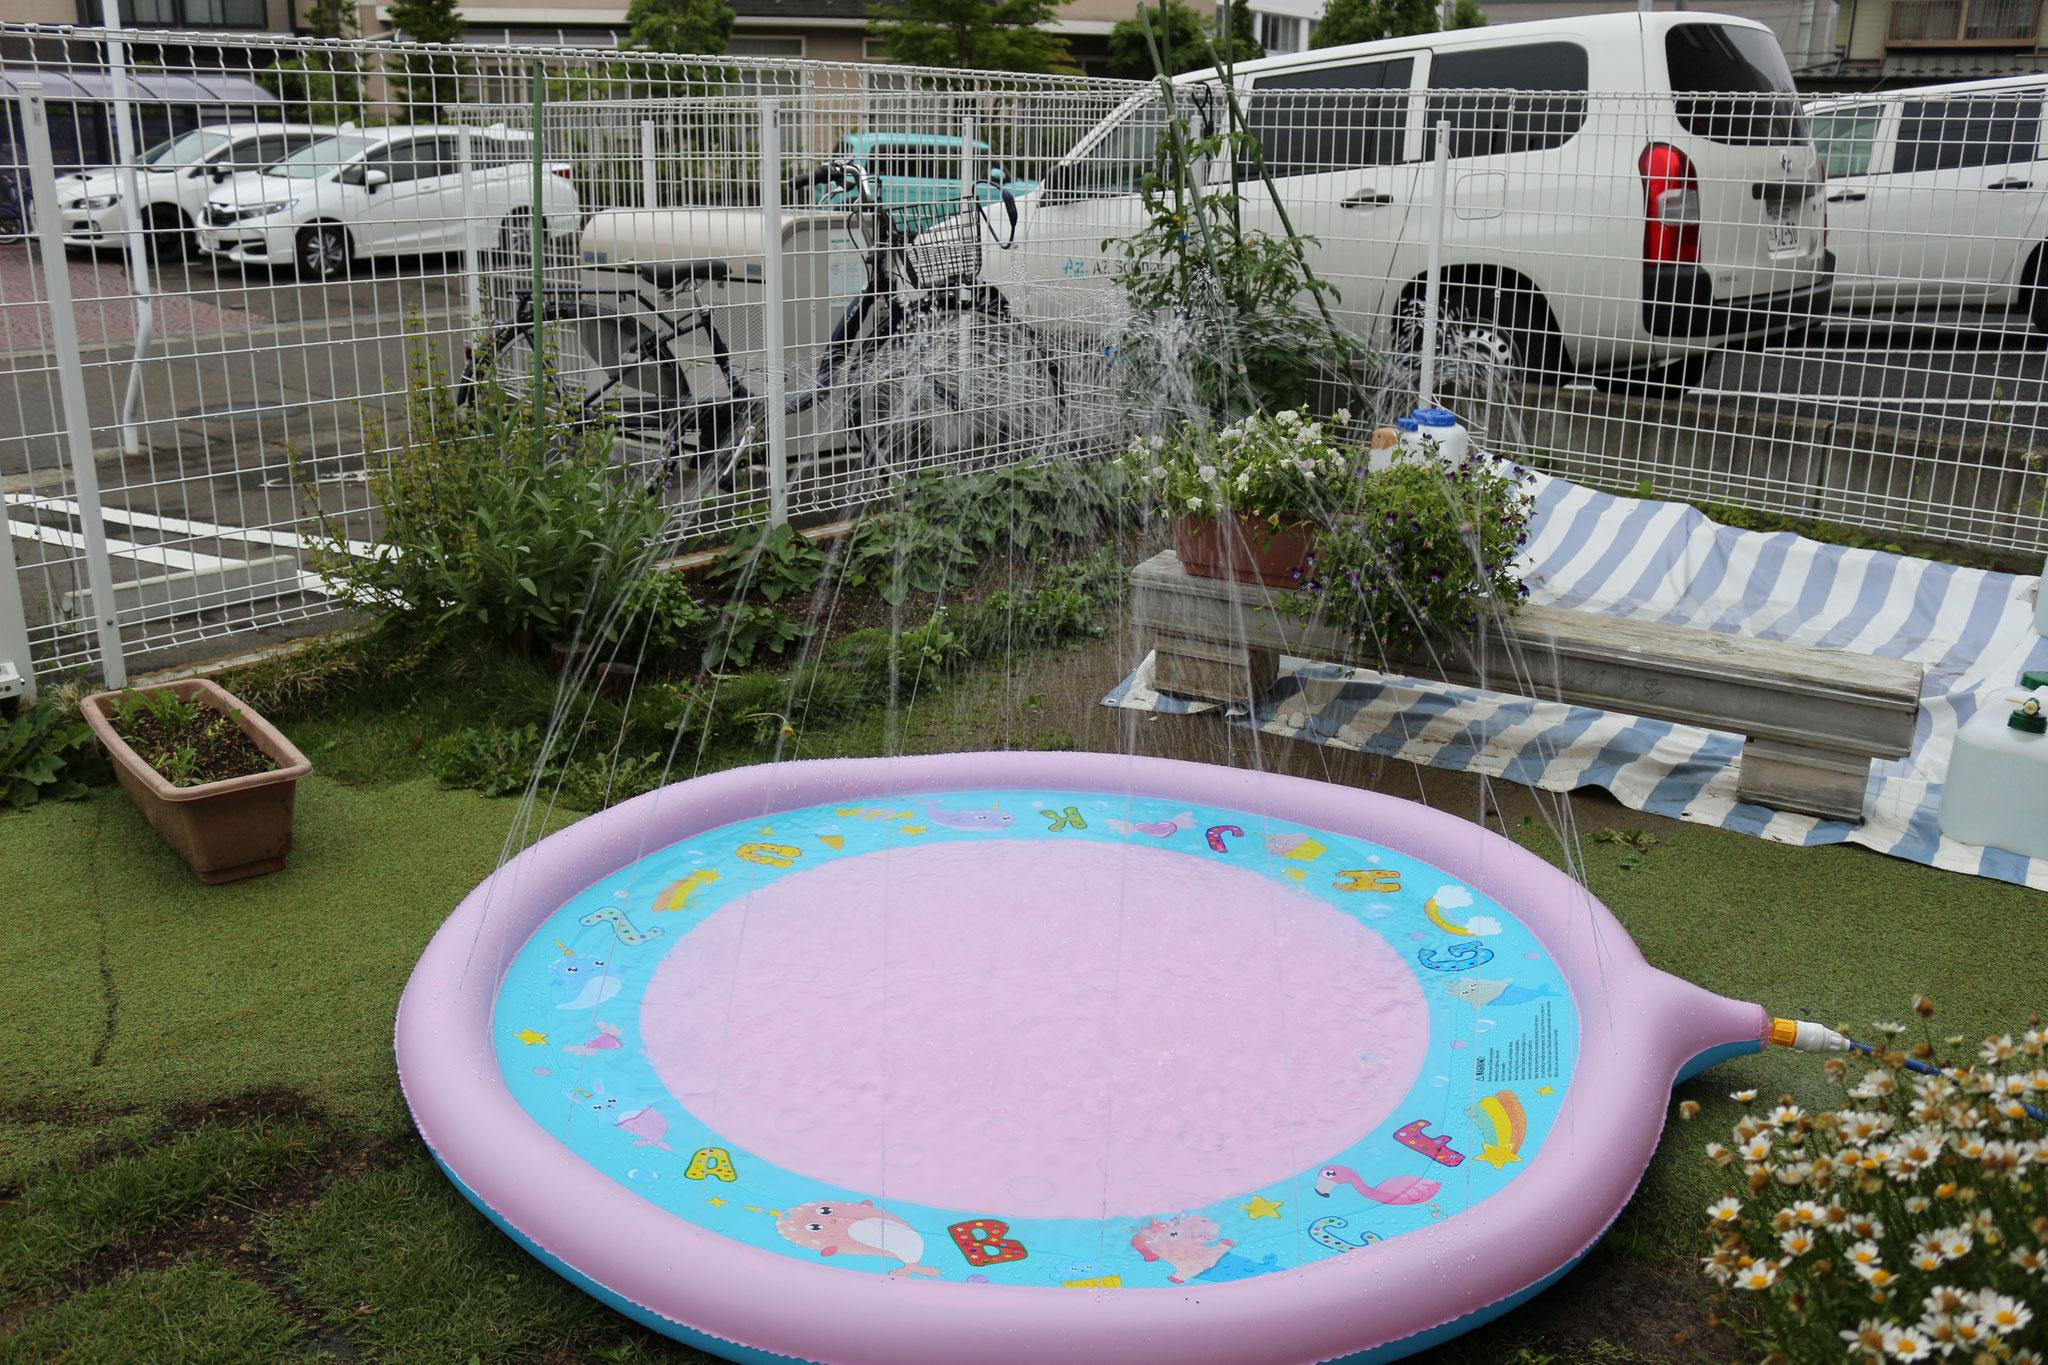 蜜を避けつつ、水の感触に触れる心地よい夏を過ごせるよう新アイテム「噴水マット」です。お楽しみに😊